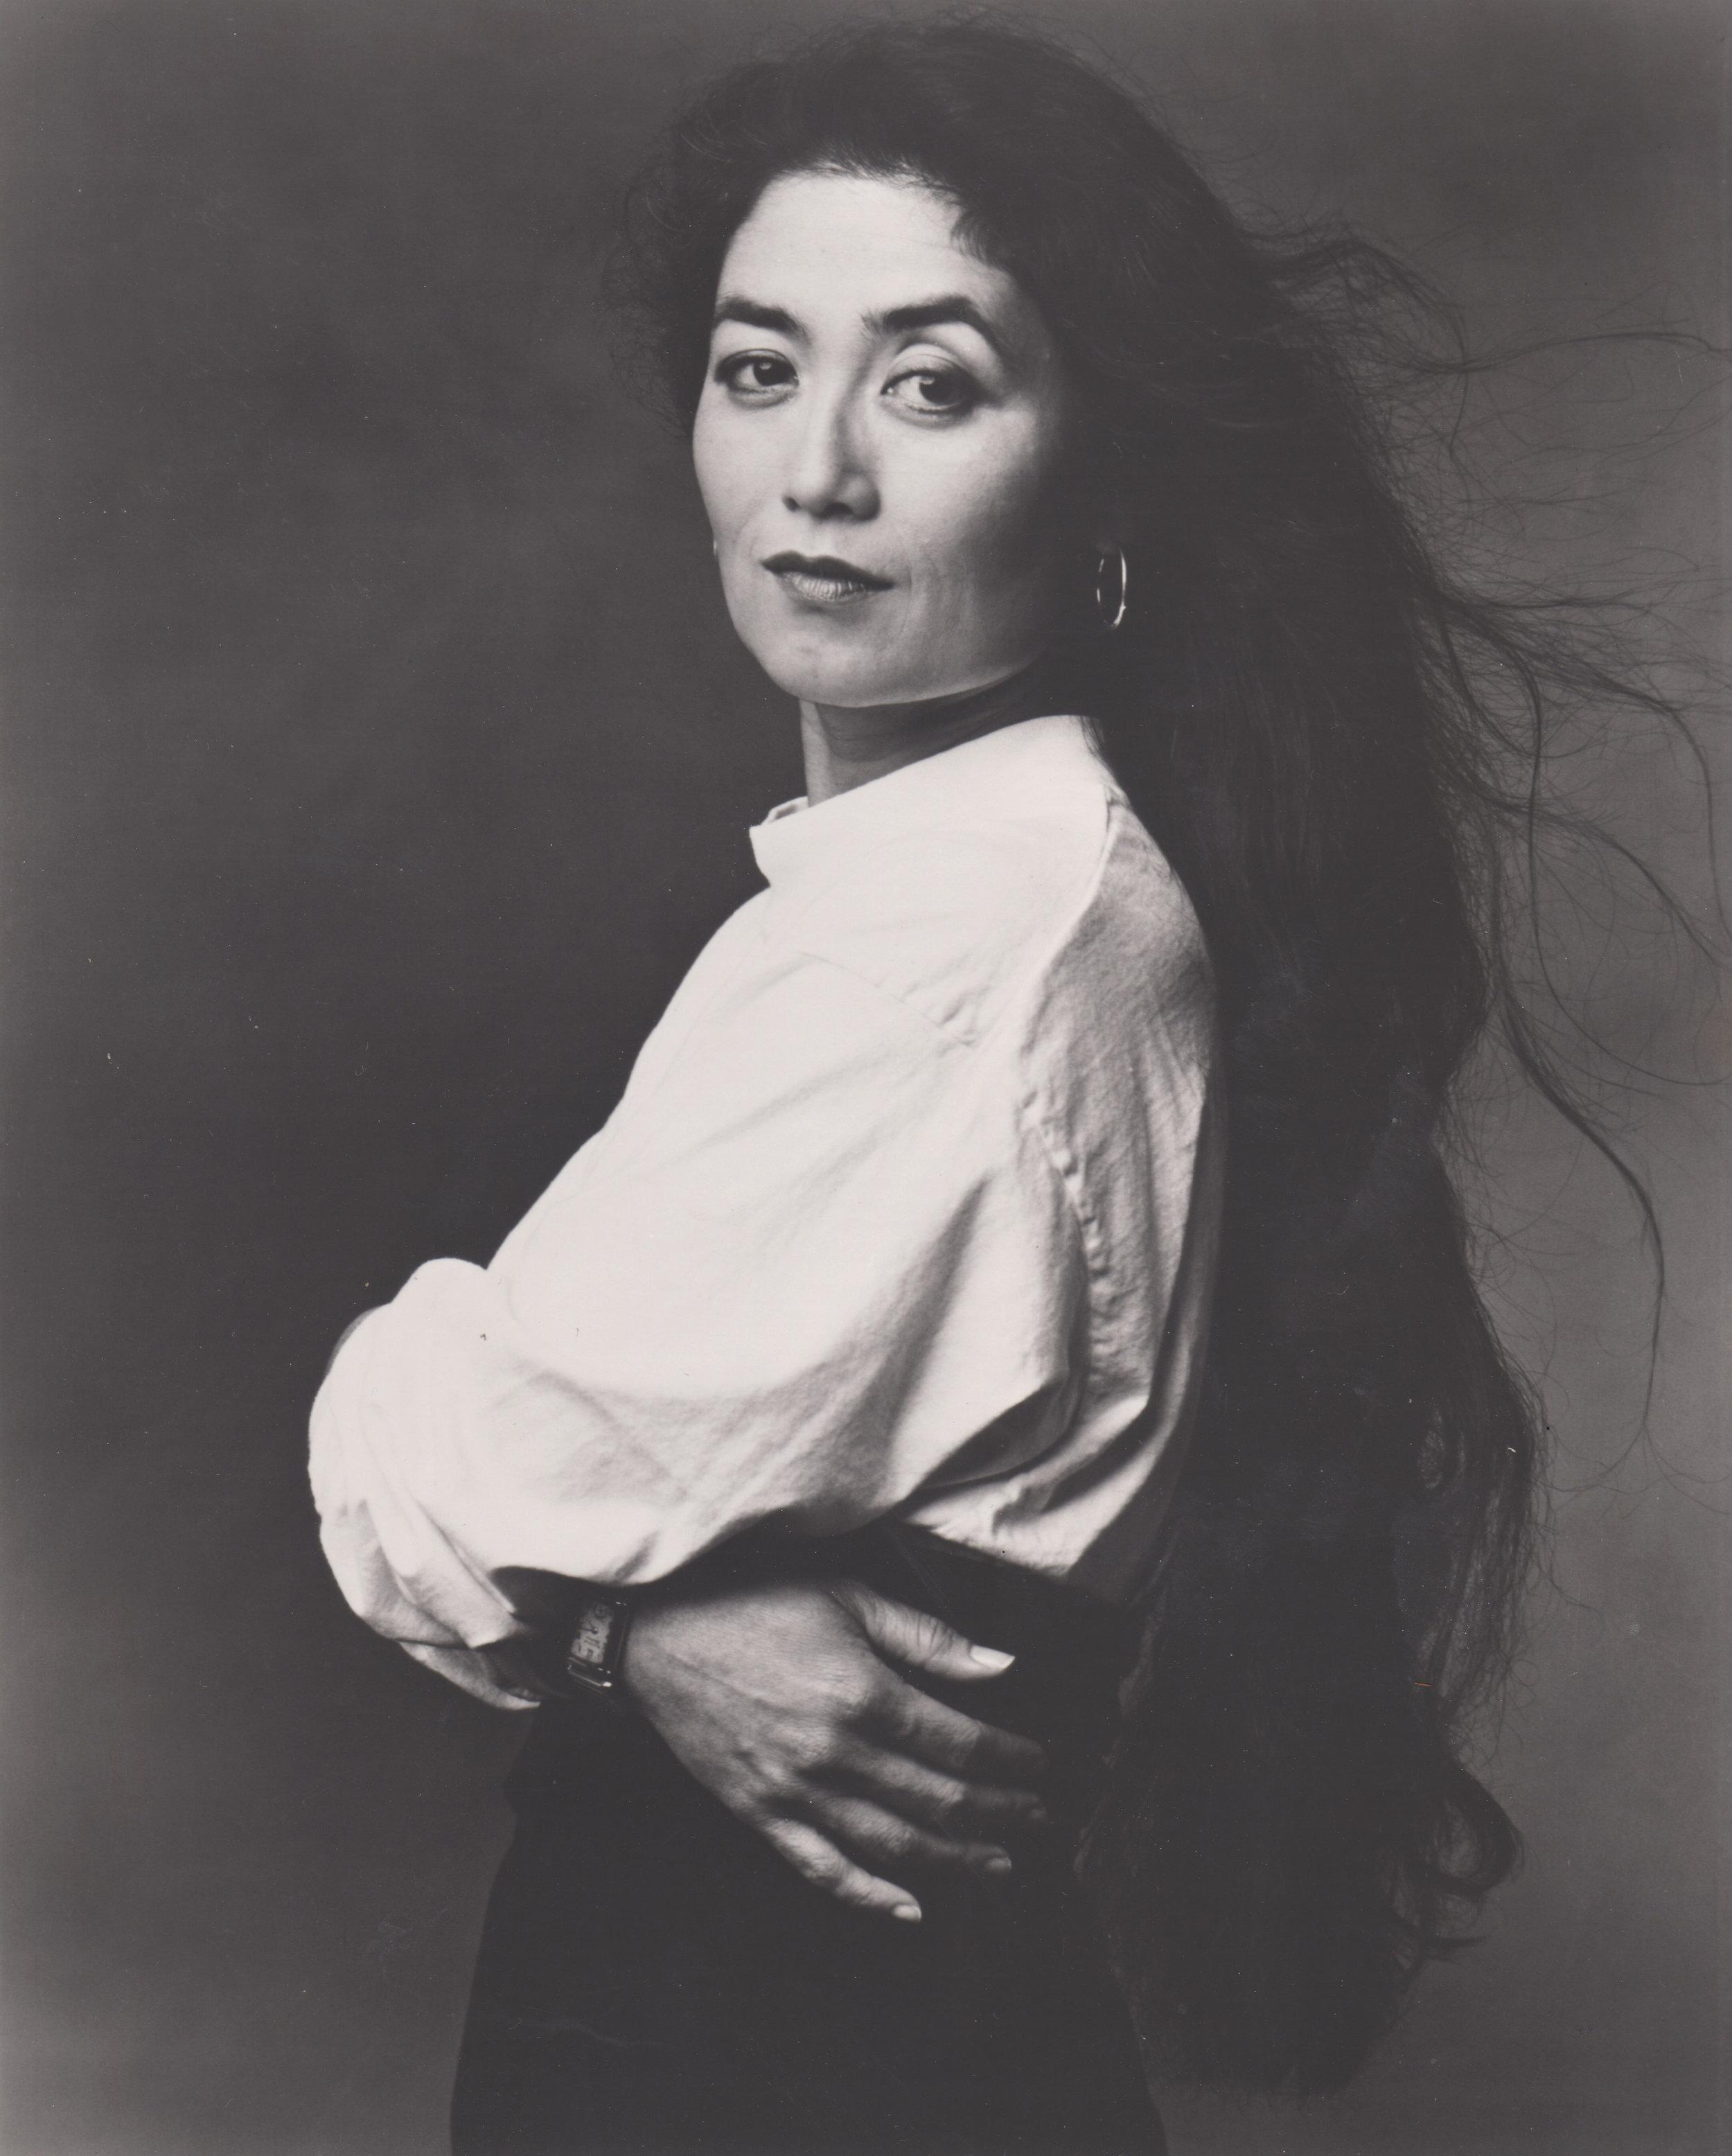 Photograph by Annie Leibovitz.